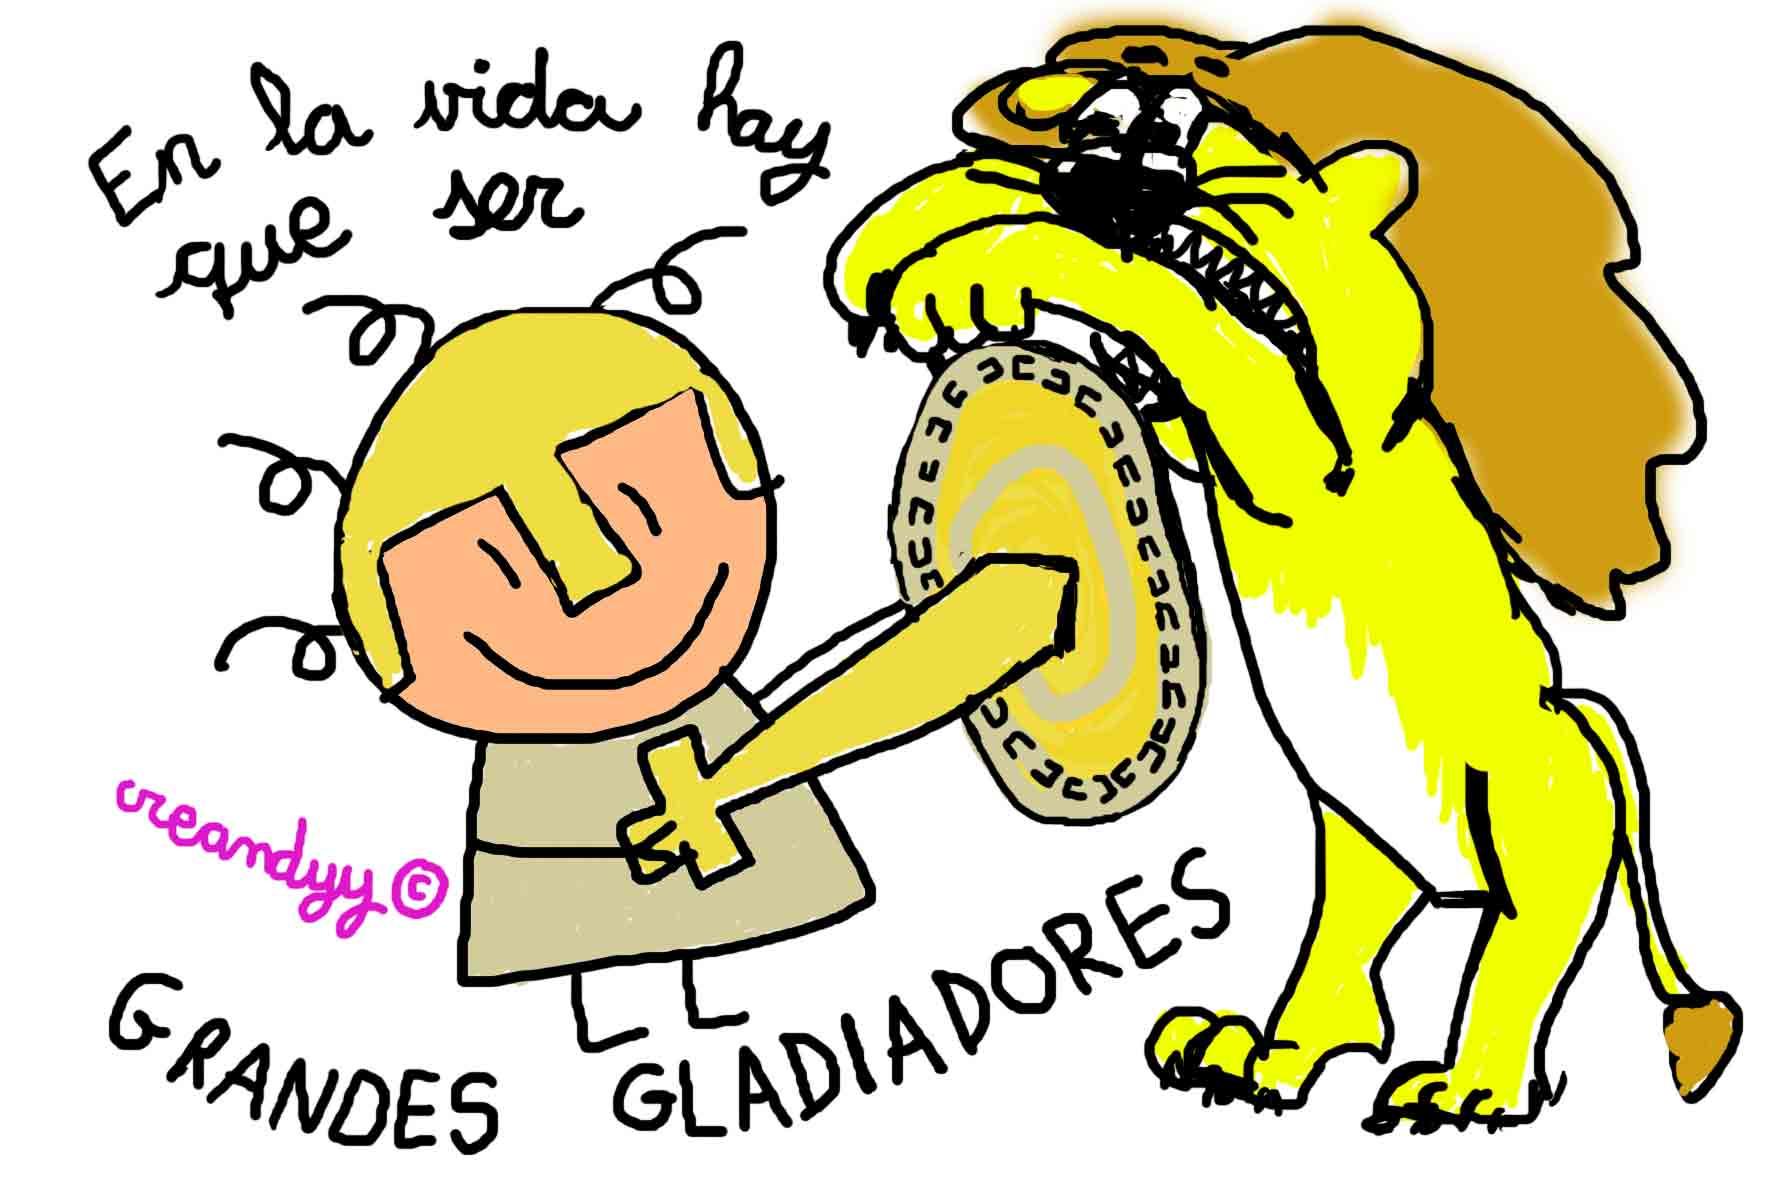 gladiadores-web